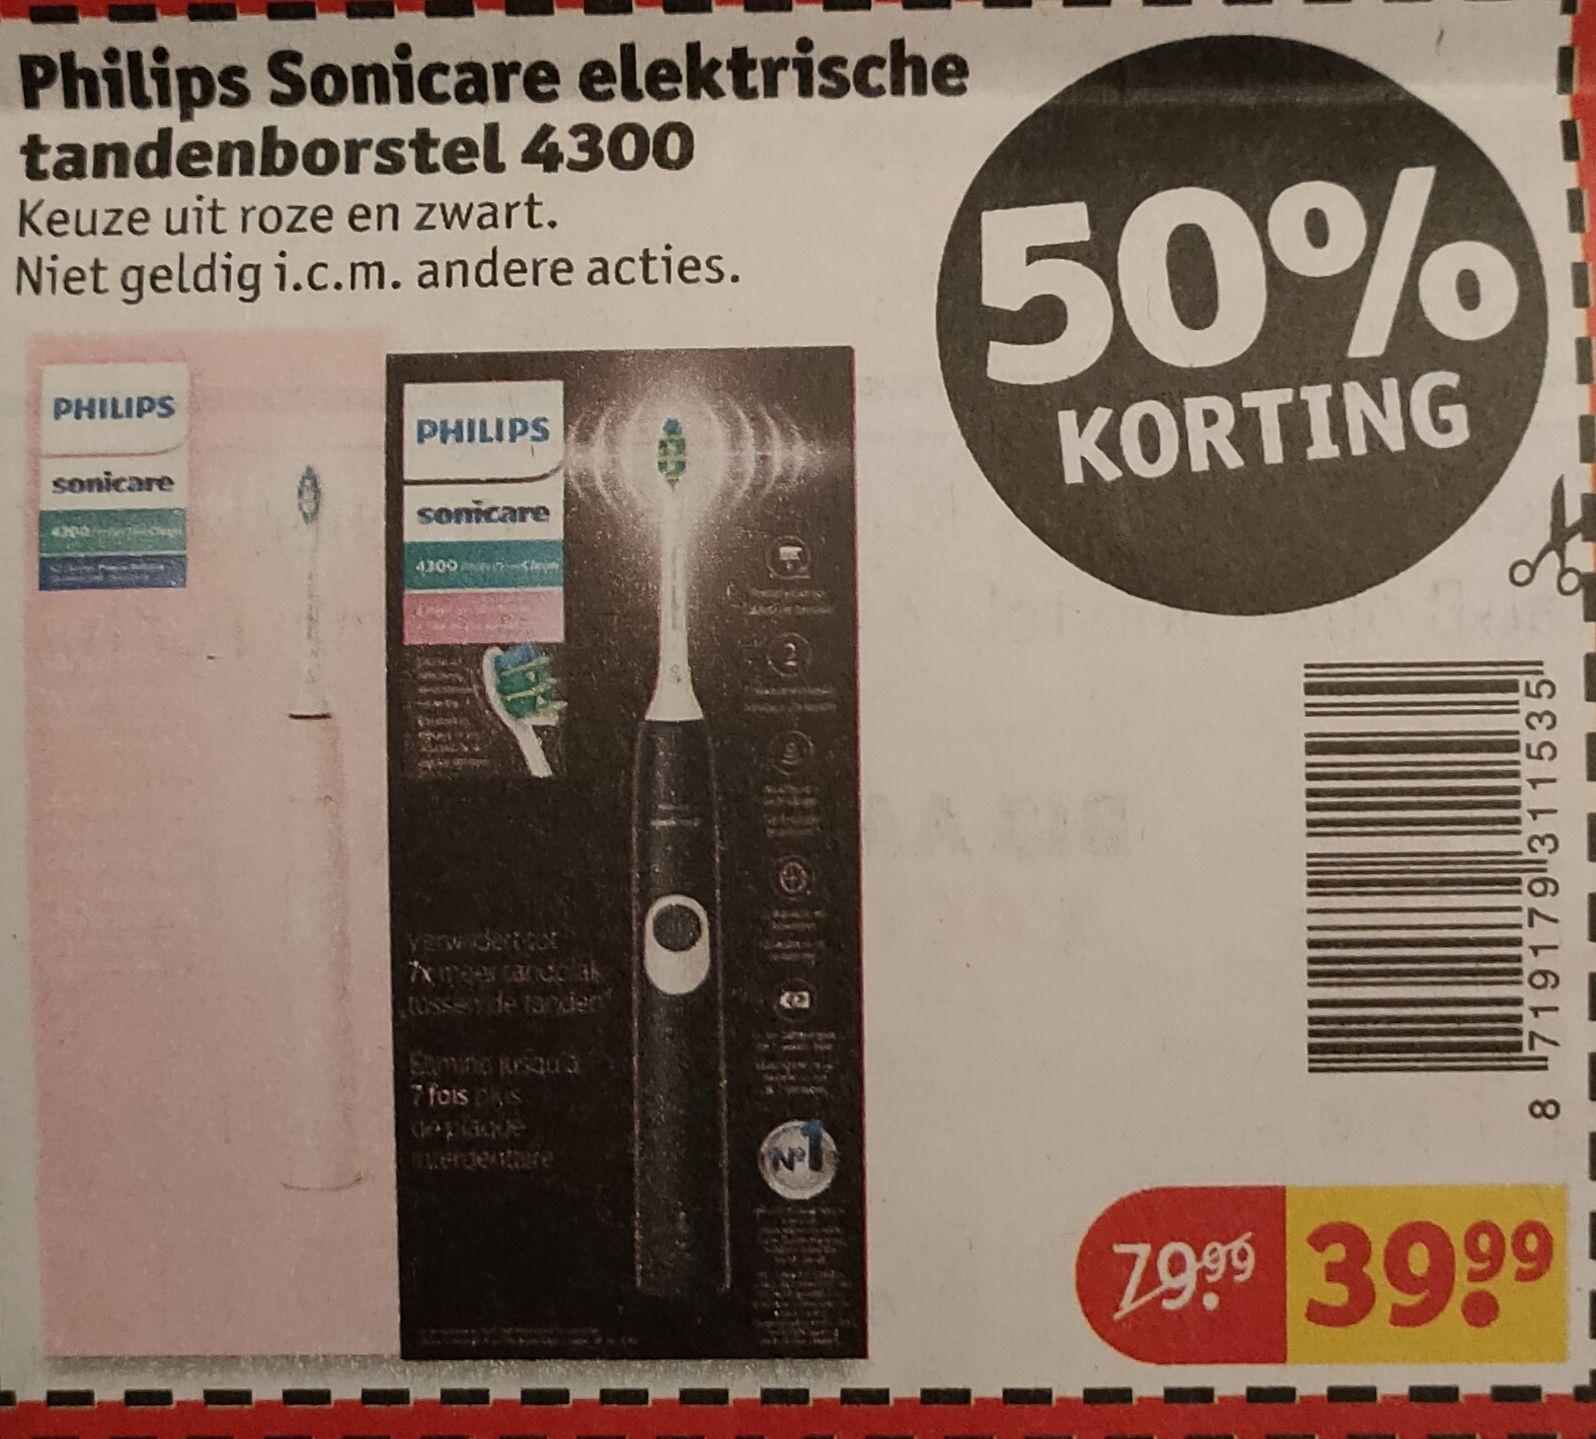 Philips Sonicare elektrische tandenborstel 4300